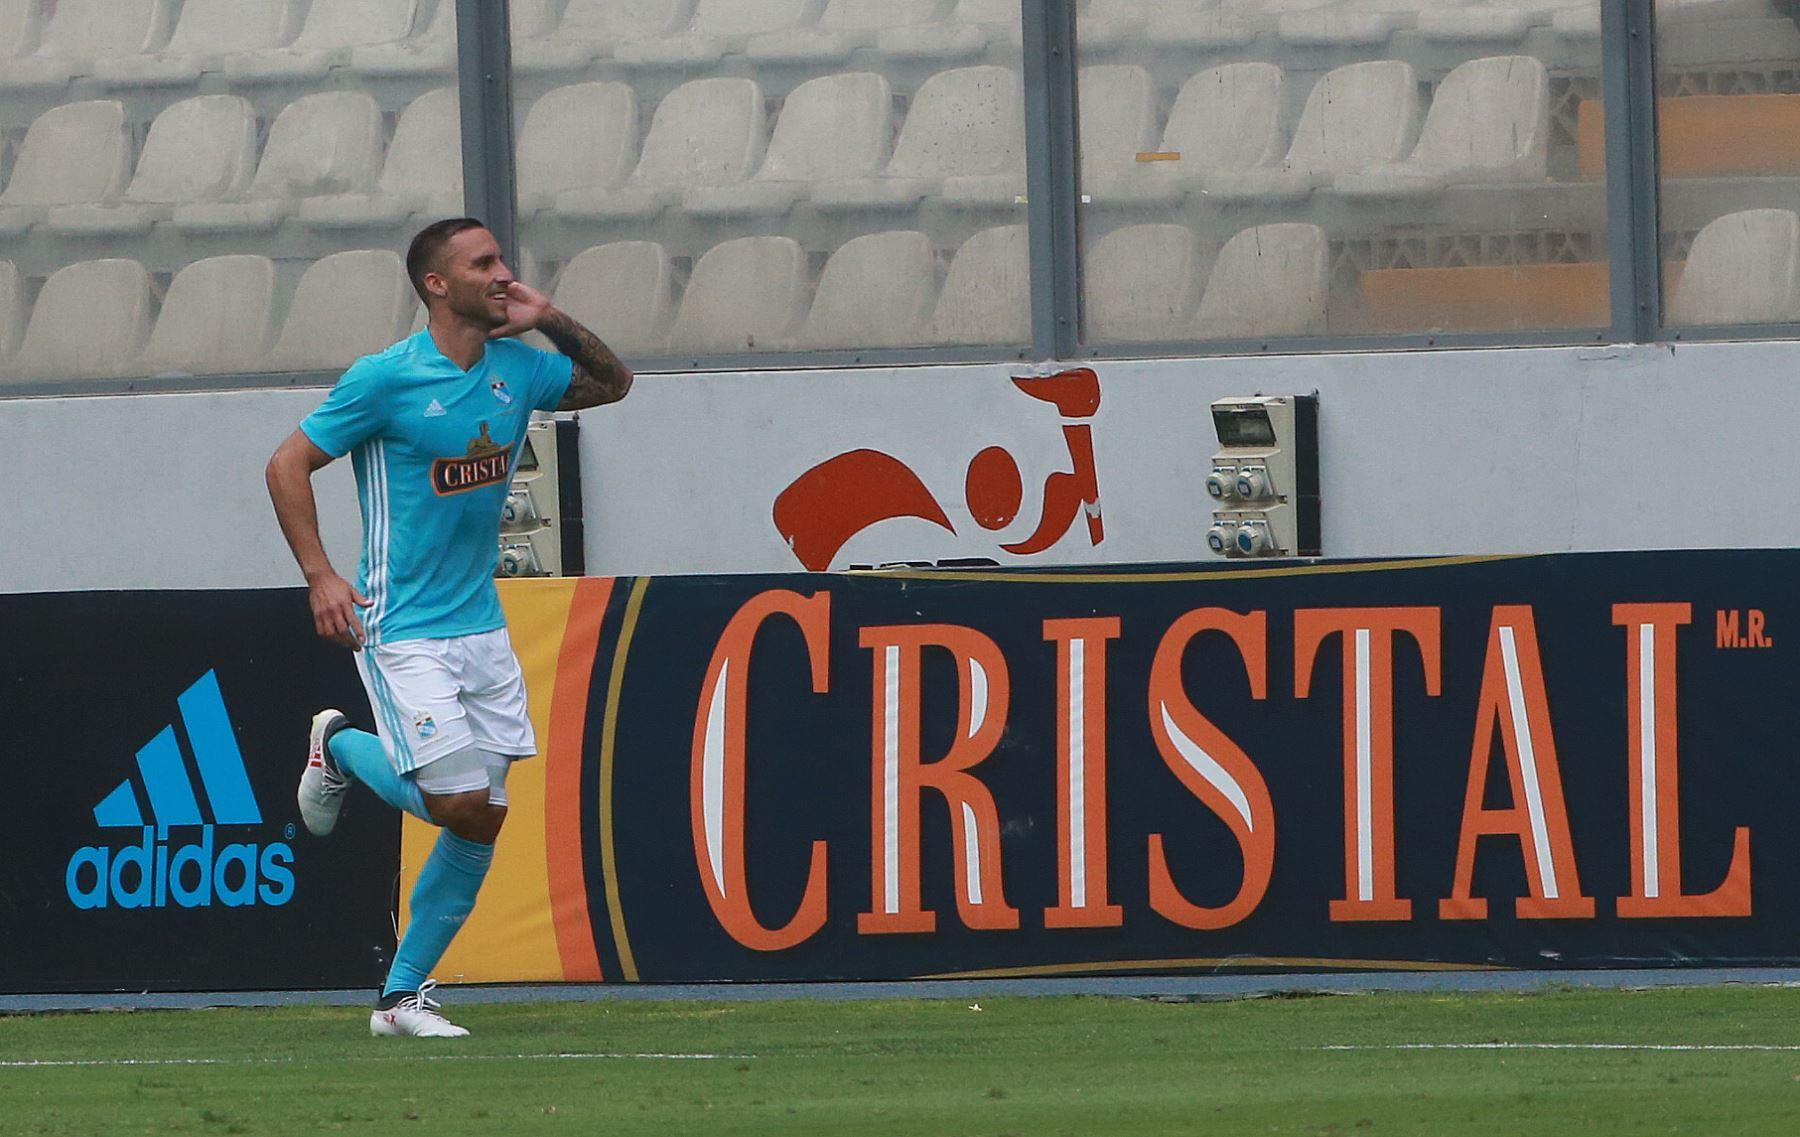 El delantero argentino Emanuel Herrera de Sporting Cristal, celebra el gol del empate frente a Universitario de Deportes.Foto:ANDINA/ Jhony Laurente